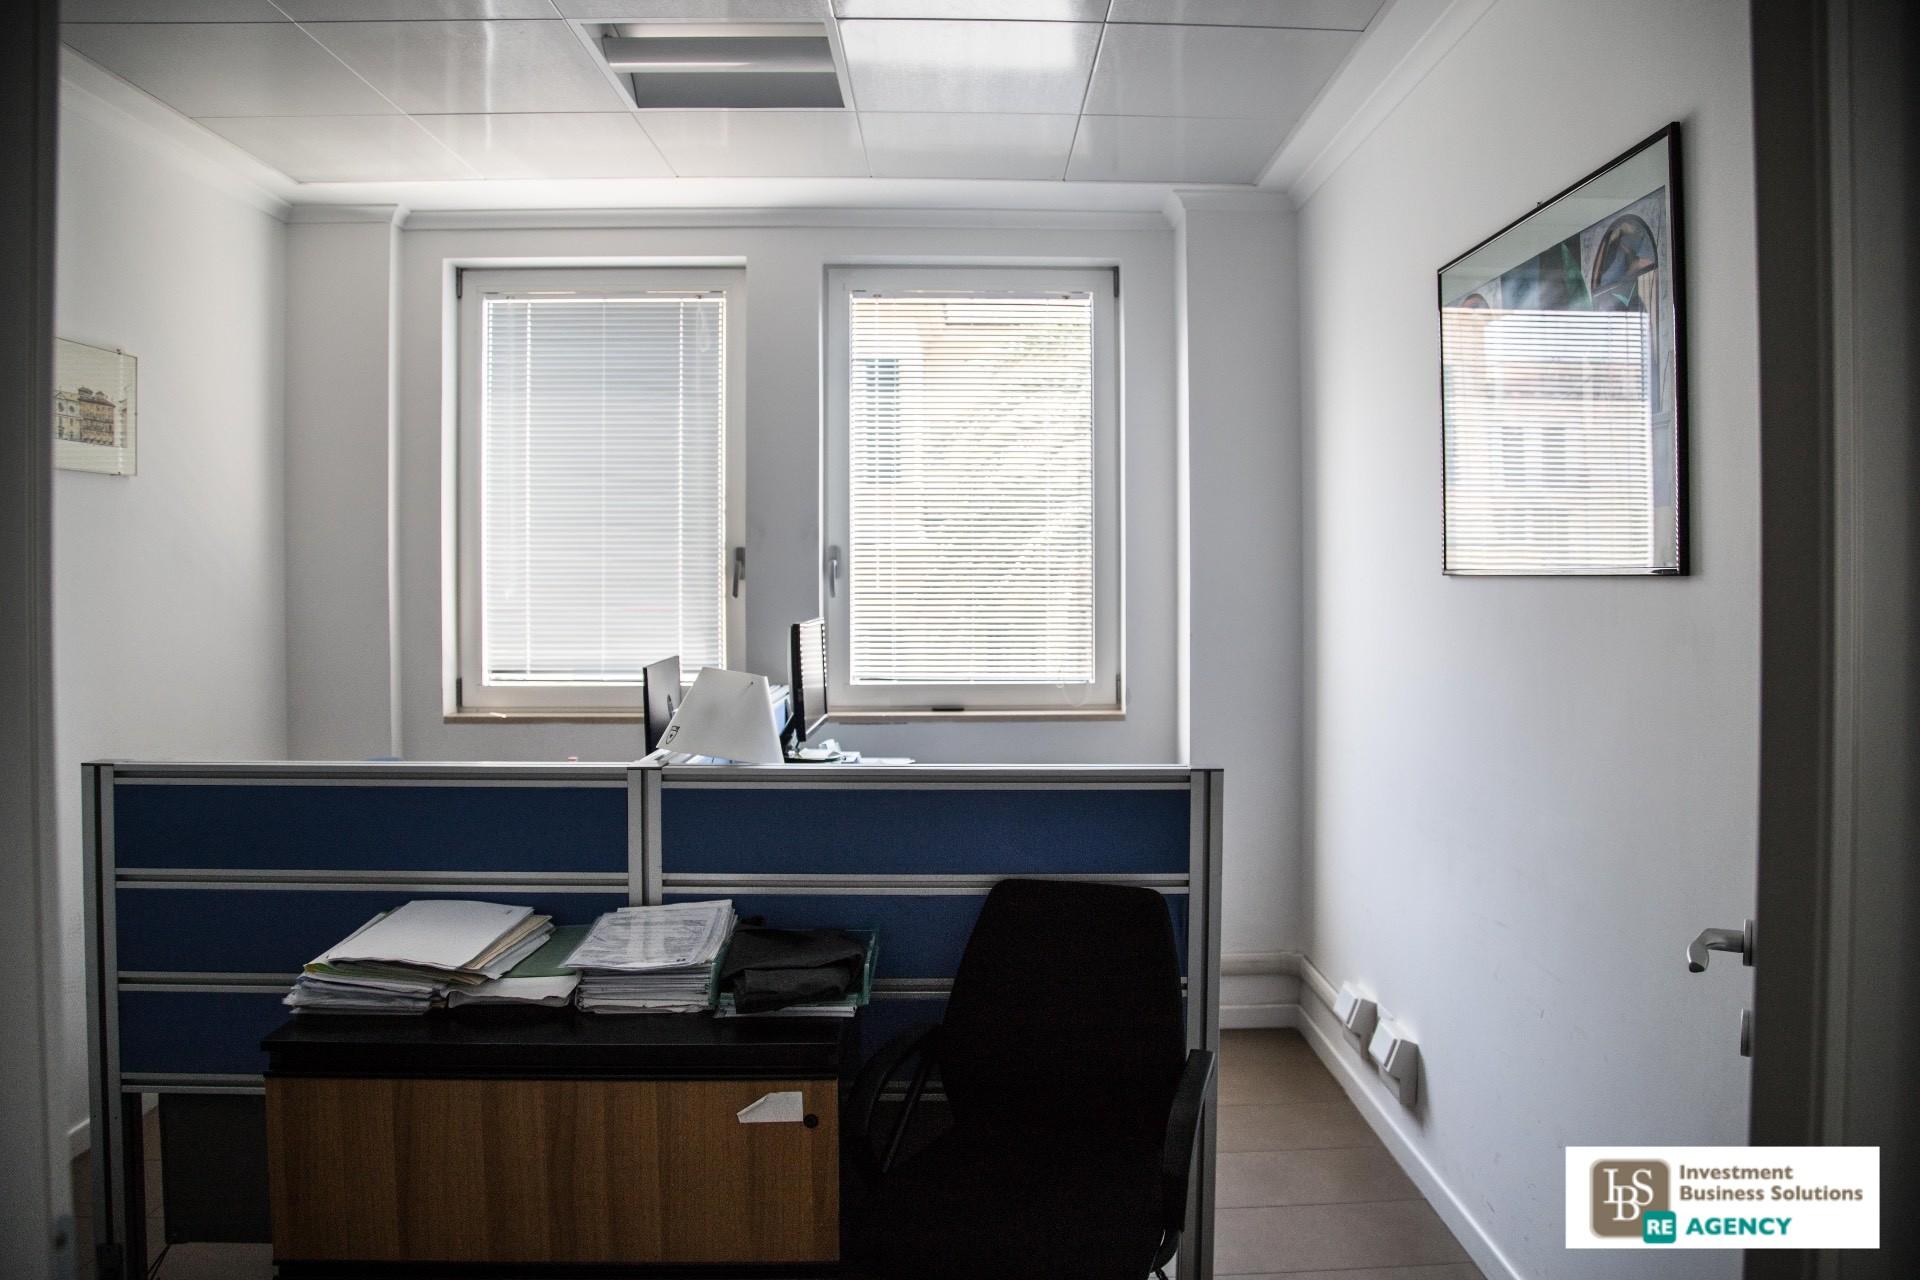 Ufficio studio in affitto a roma cod 135 rubicone affittp for Affitto postazione ufficio roma